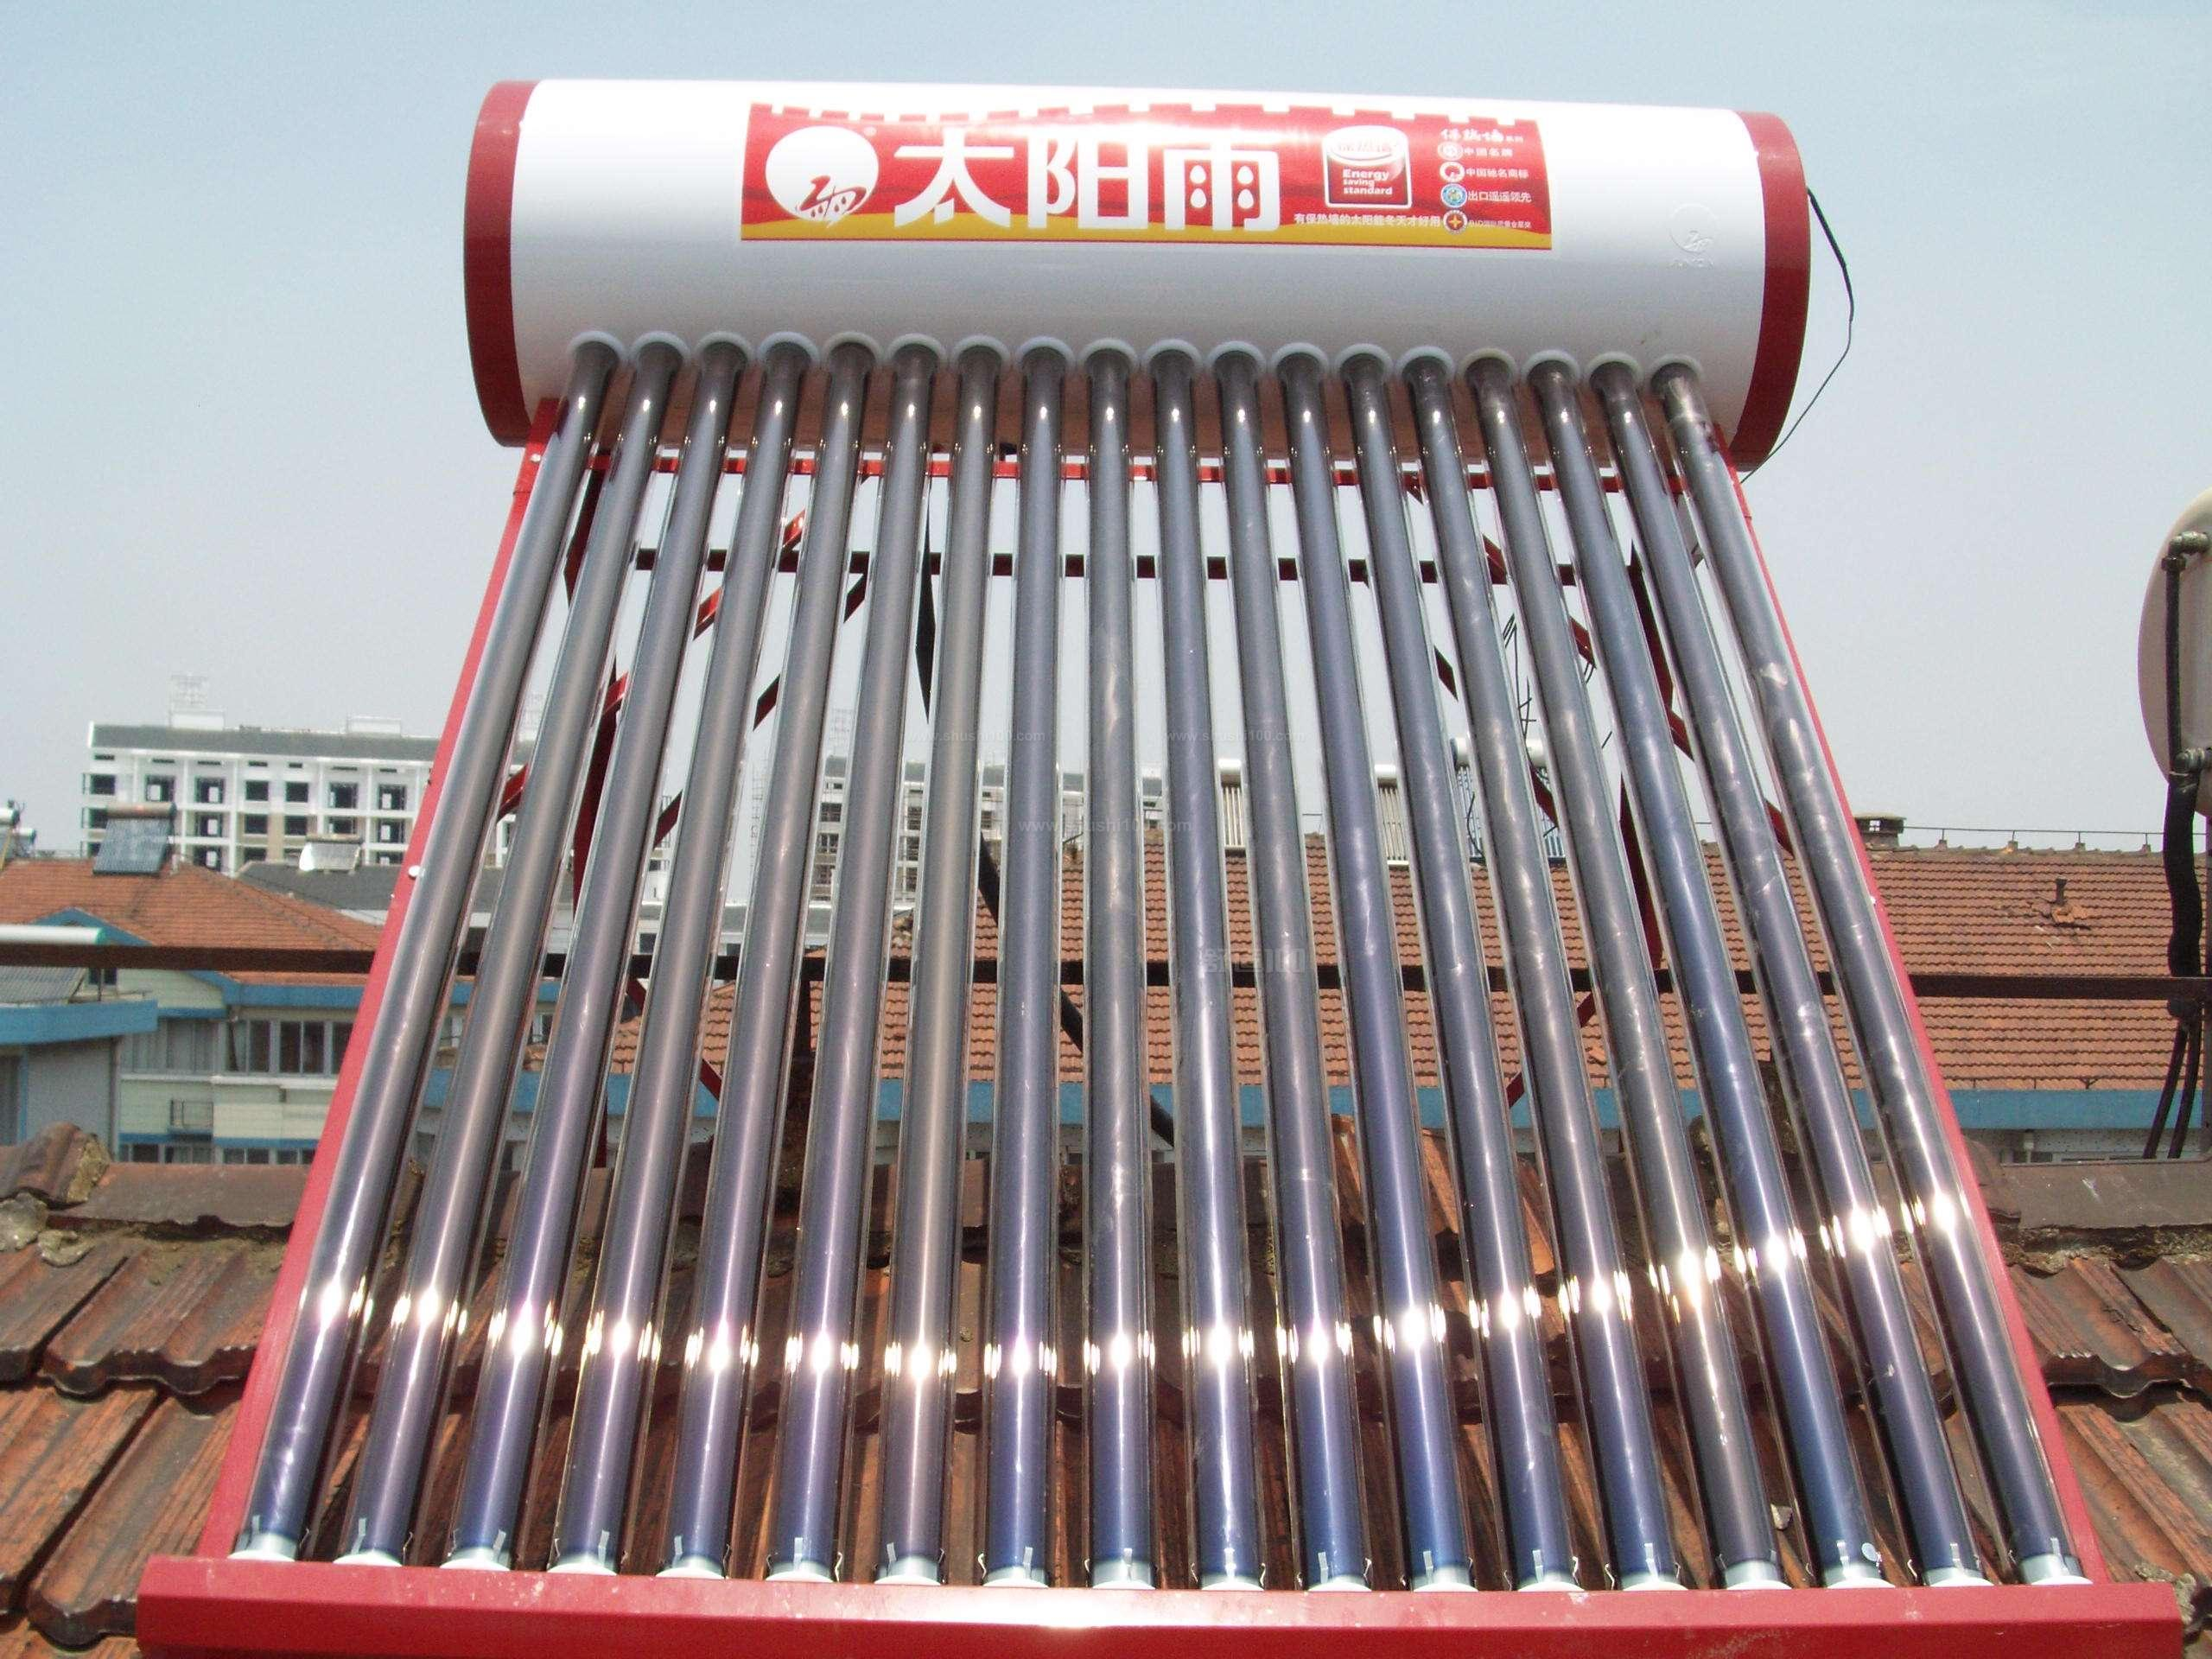 太阳雨太阳能热水器—太阳雨太阳能热水器优势